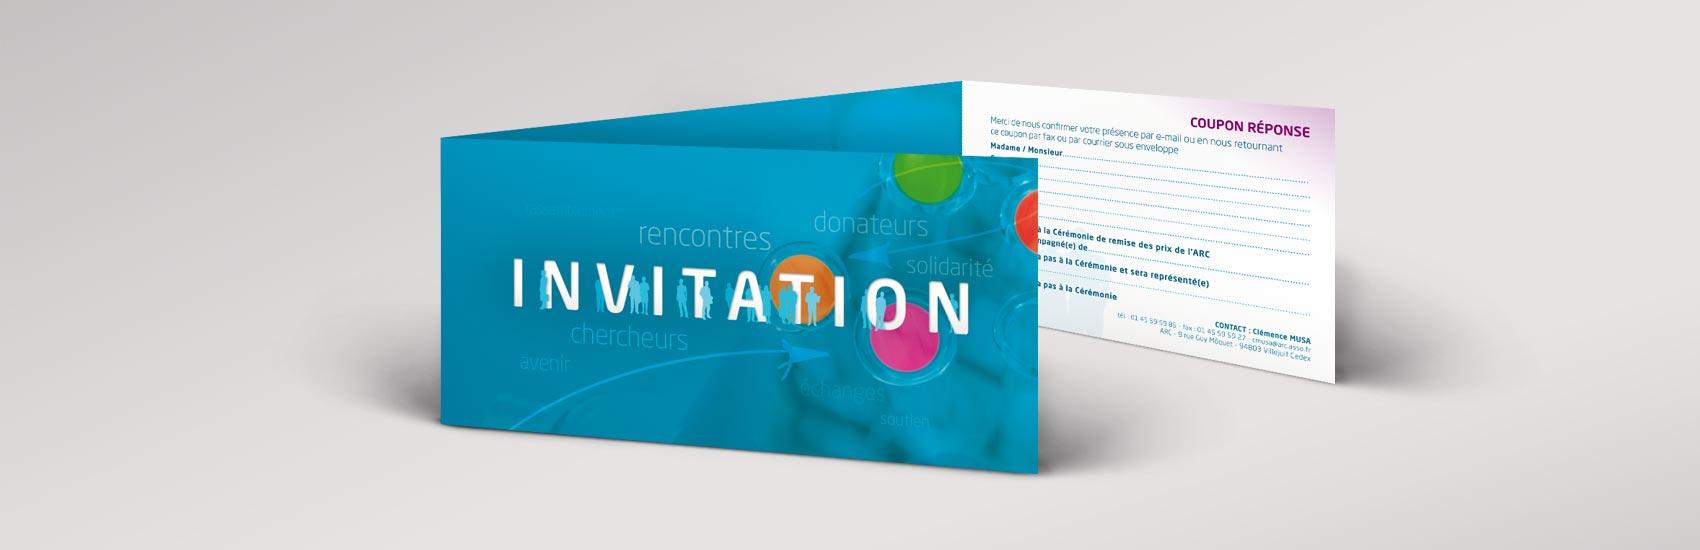 modele invitation entreprise document online. Black Bedroom Furniture Sets. Home Design Ideas